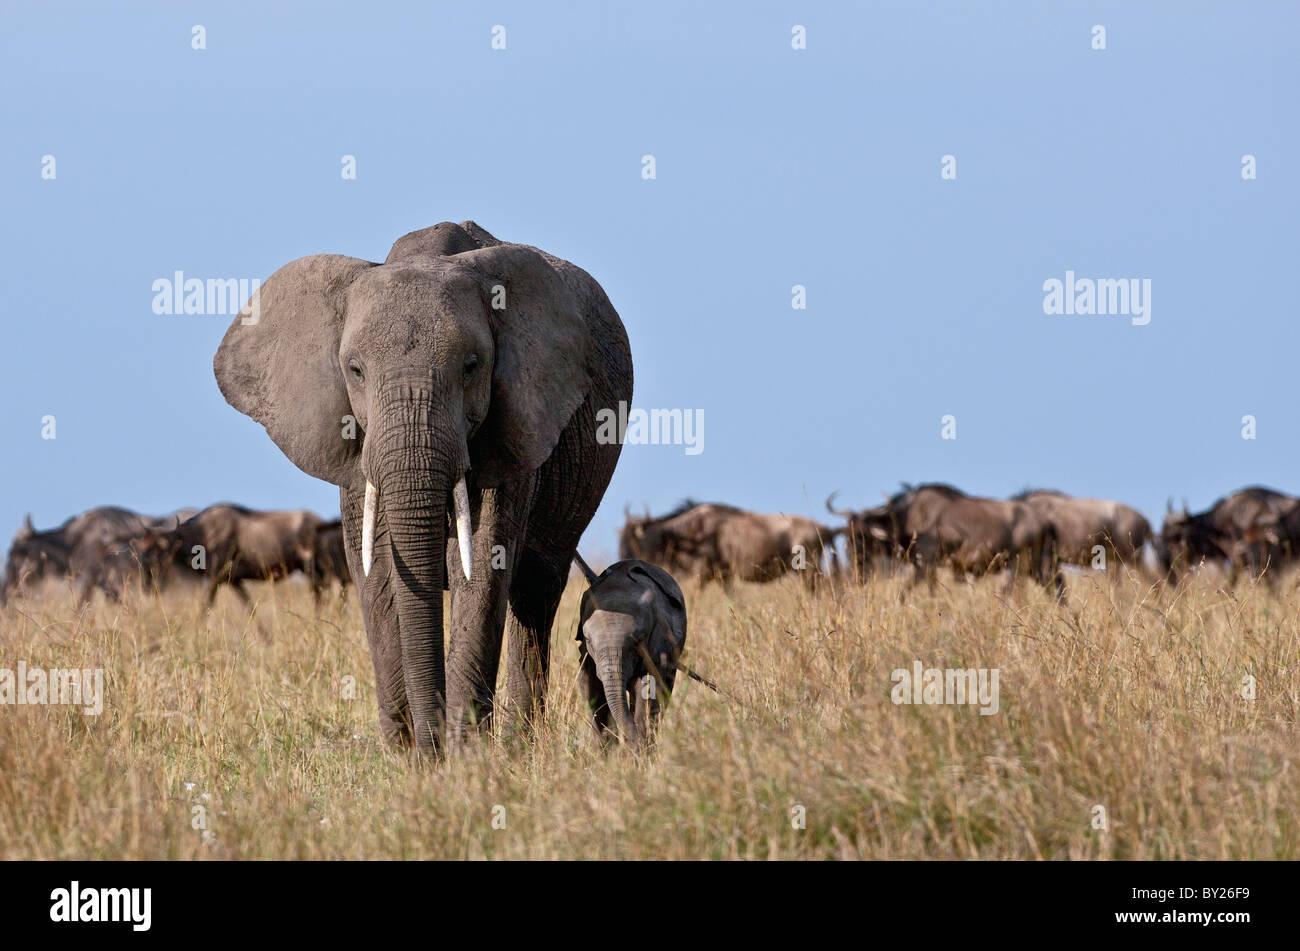 Un elefante y su pantorrilla muy pequeño con una manada de ñus en el fondo. Imagen De Stock